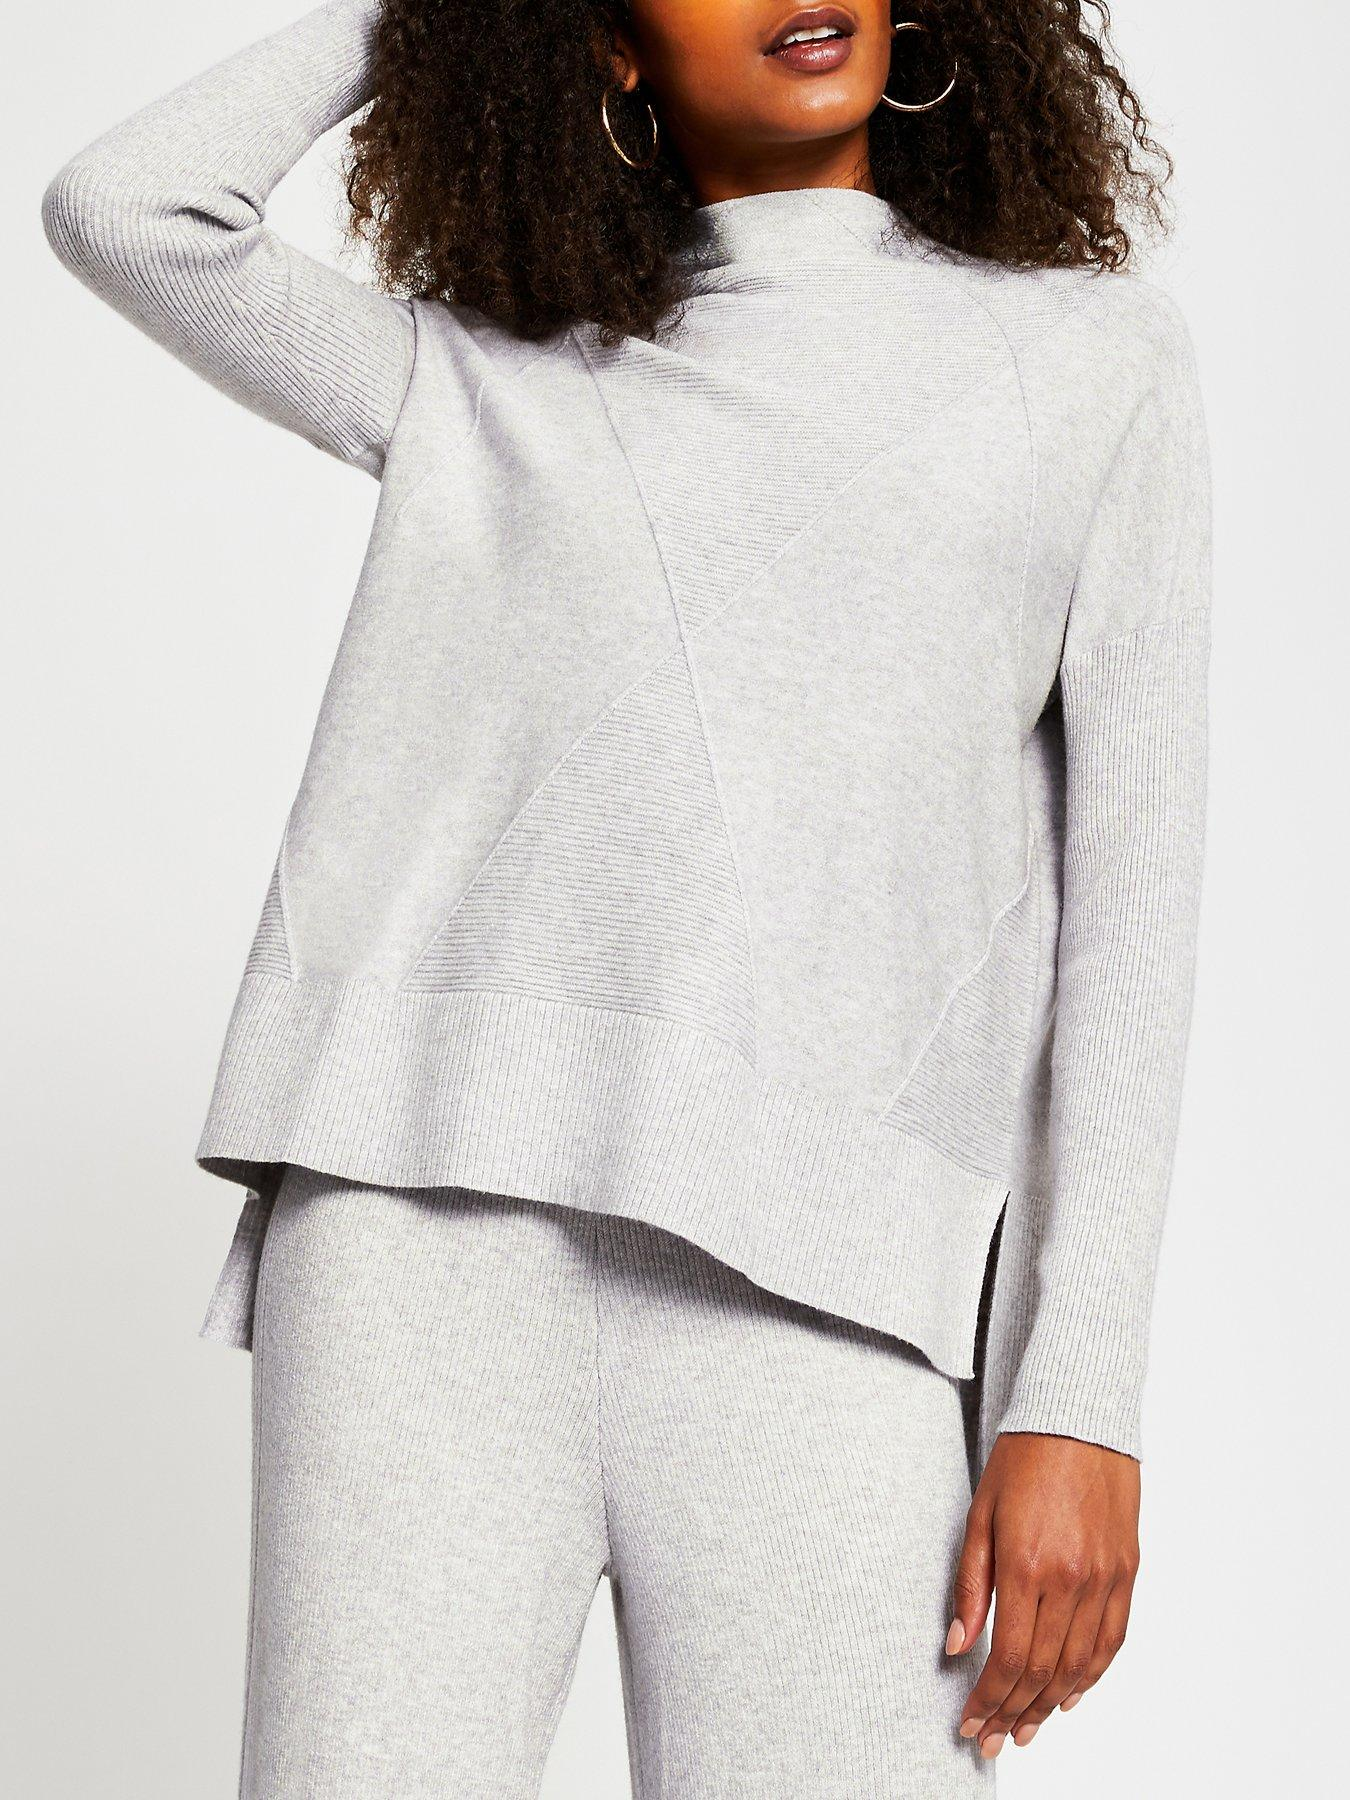 River island | Knitwear | Women | very.co.uk